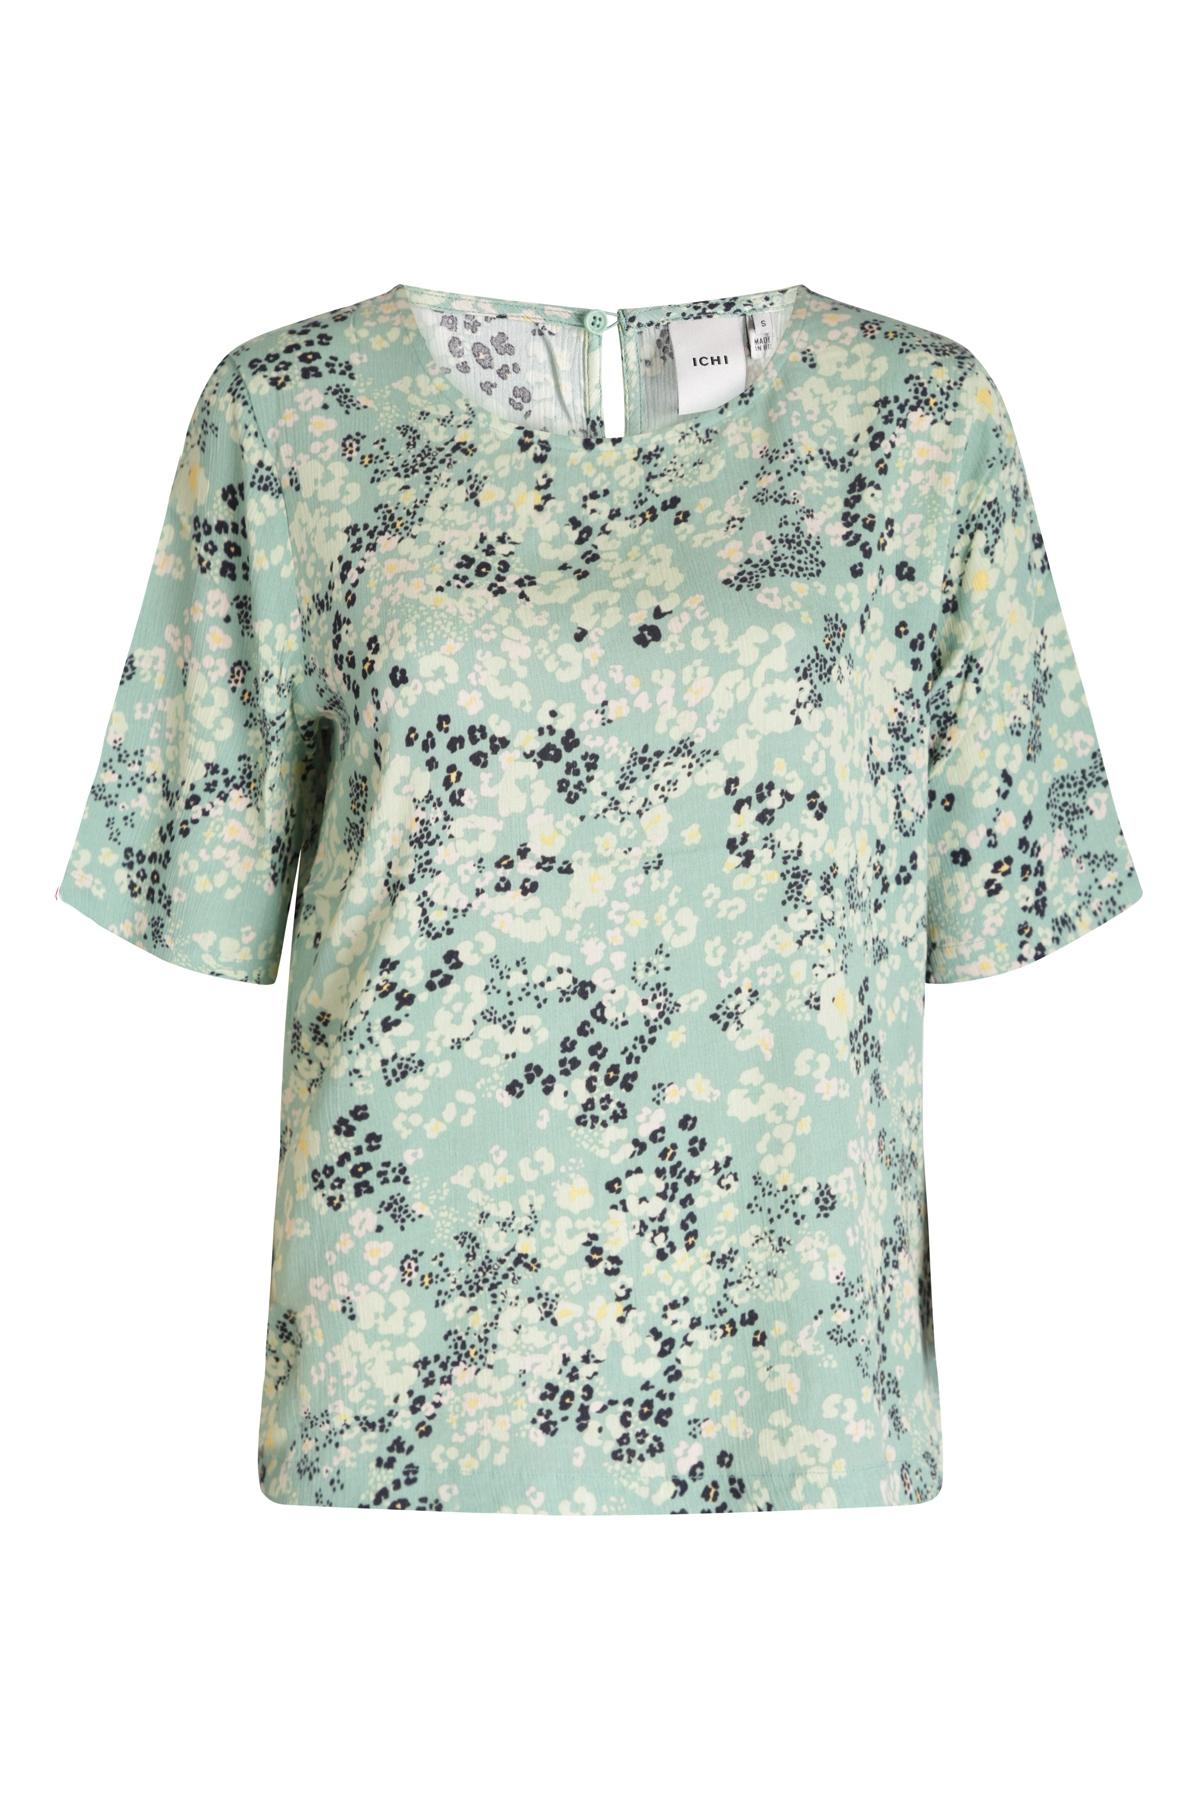 ICHI Shirt - Top Groen Ihmarrakech AOP SS3